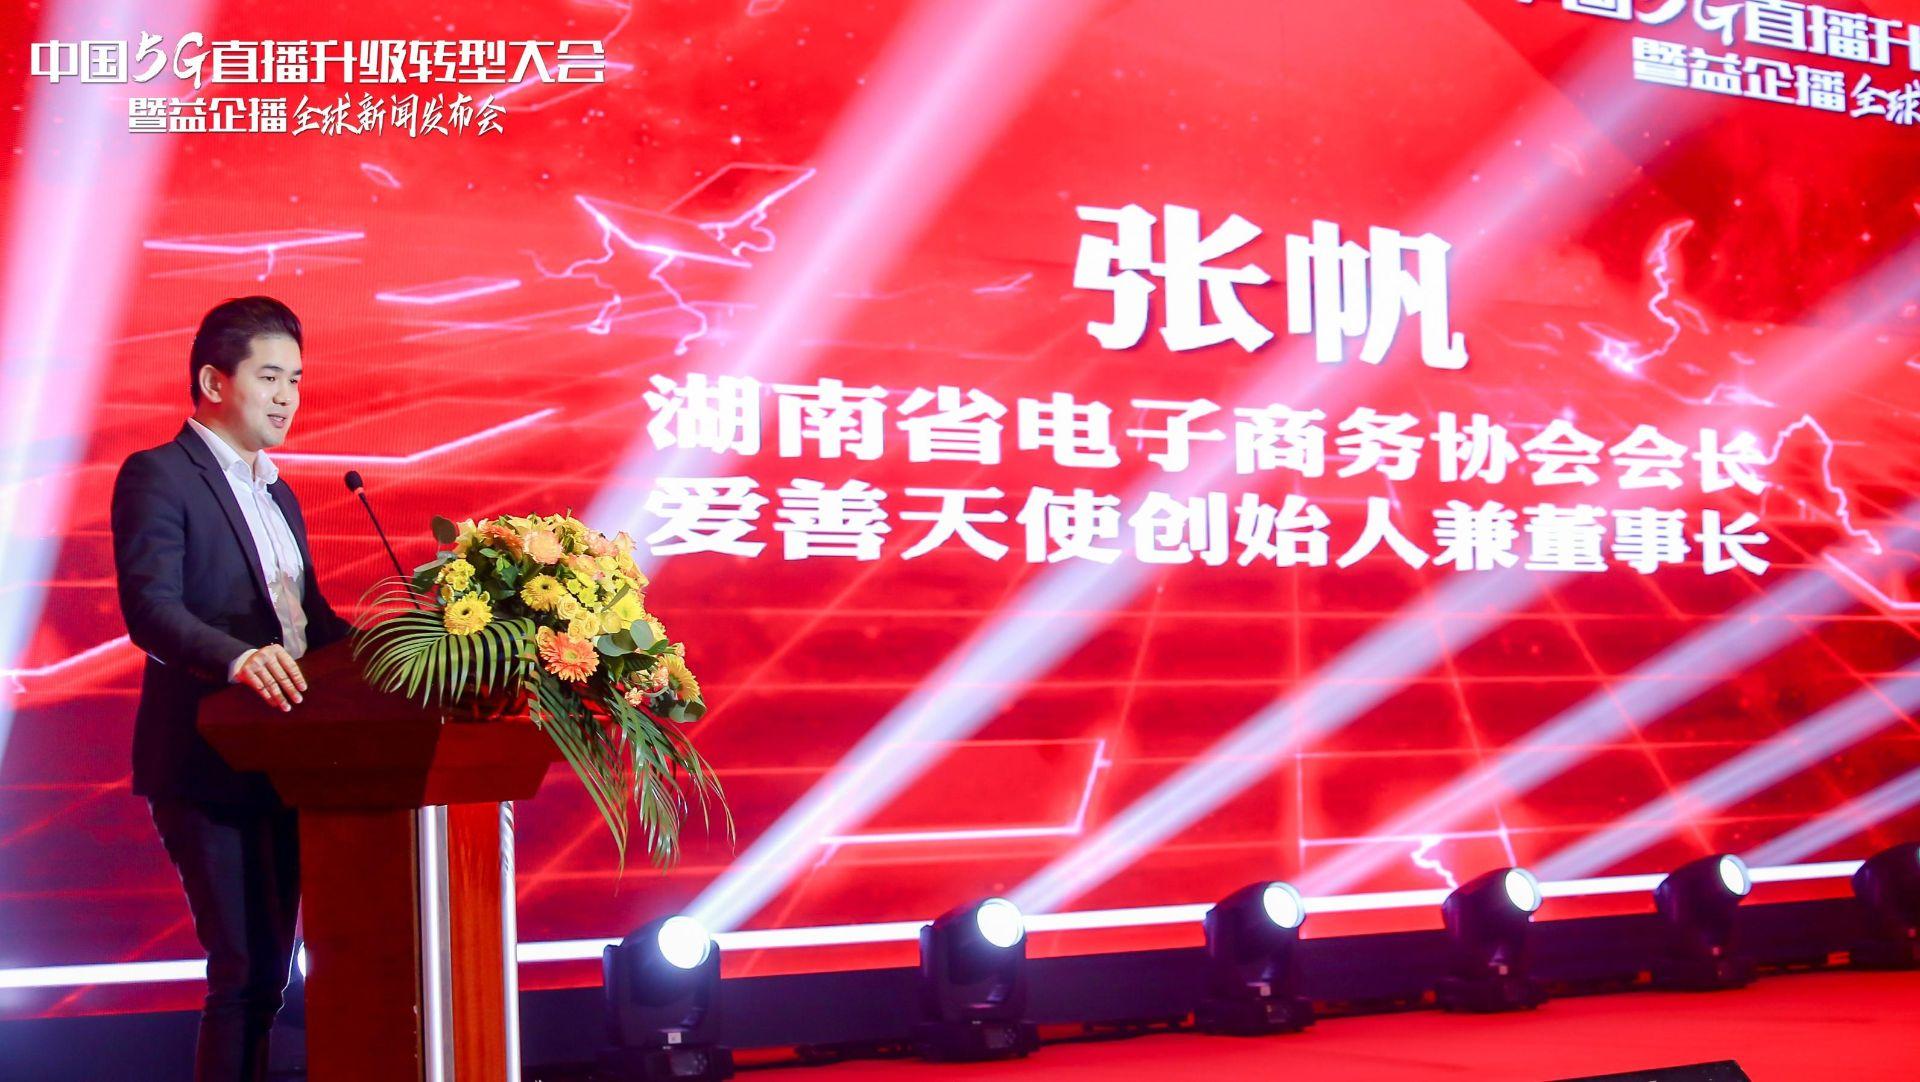 愛善天使集團張帆出席中國5G直播轉型升級大會并發表致辭